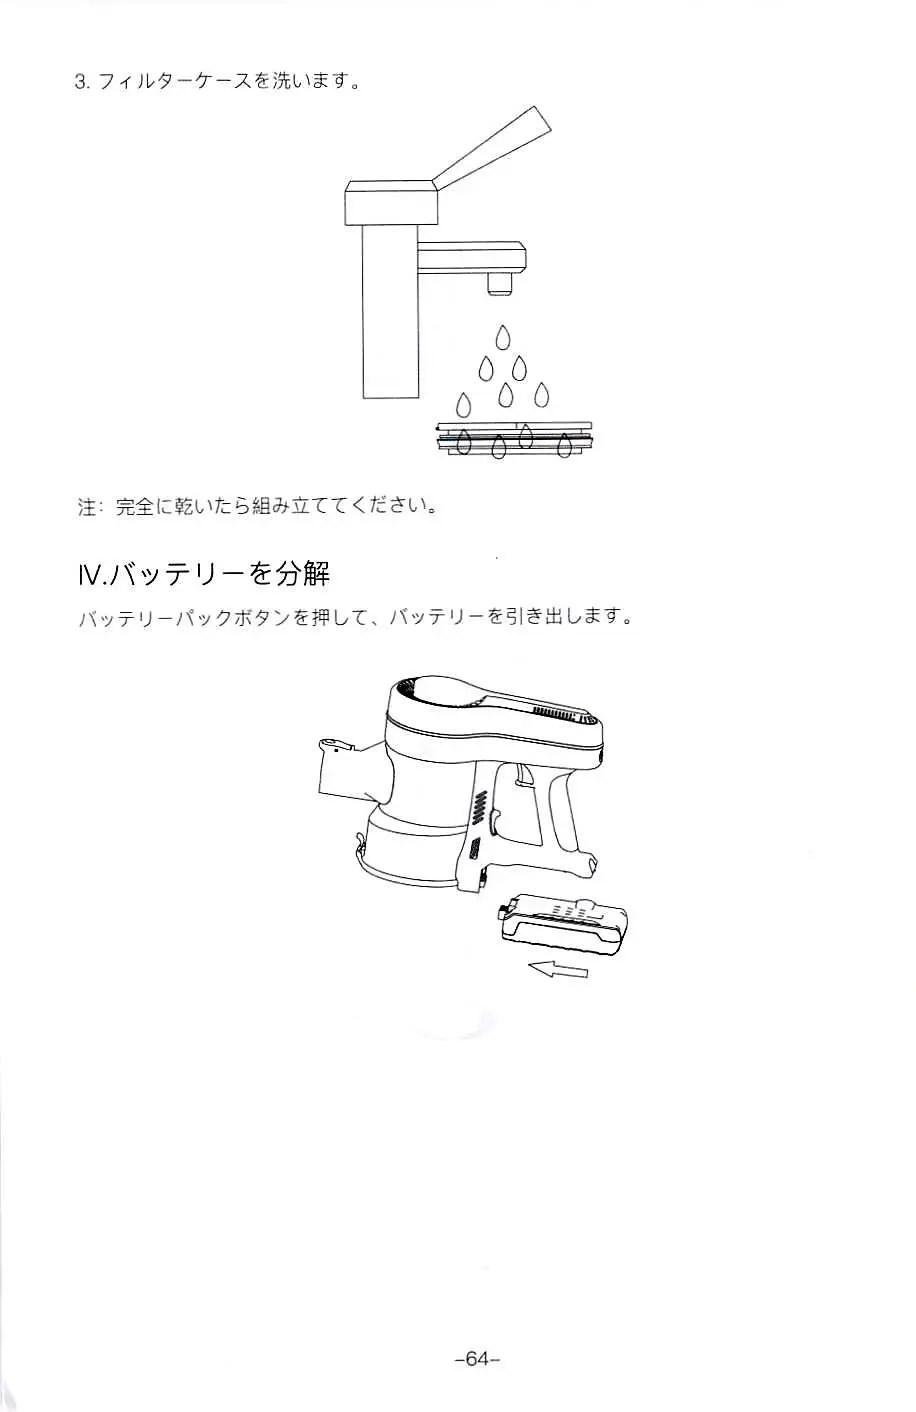 BlitzWolf BW-AR182 ハンディ掃除機 取説